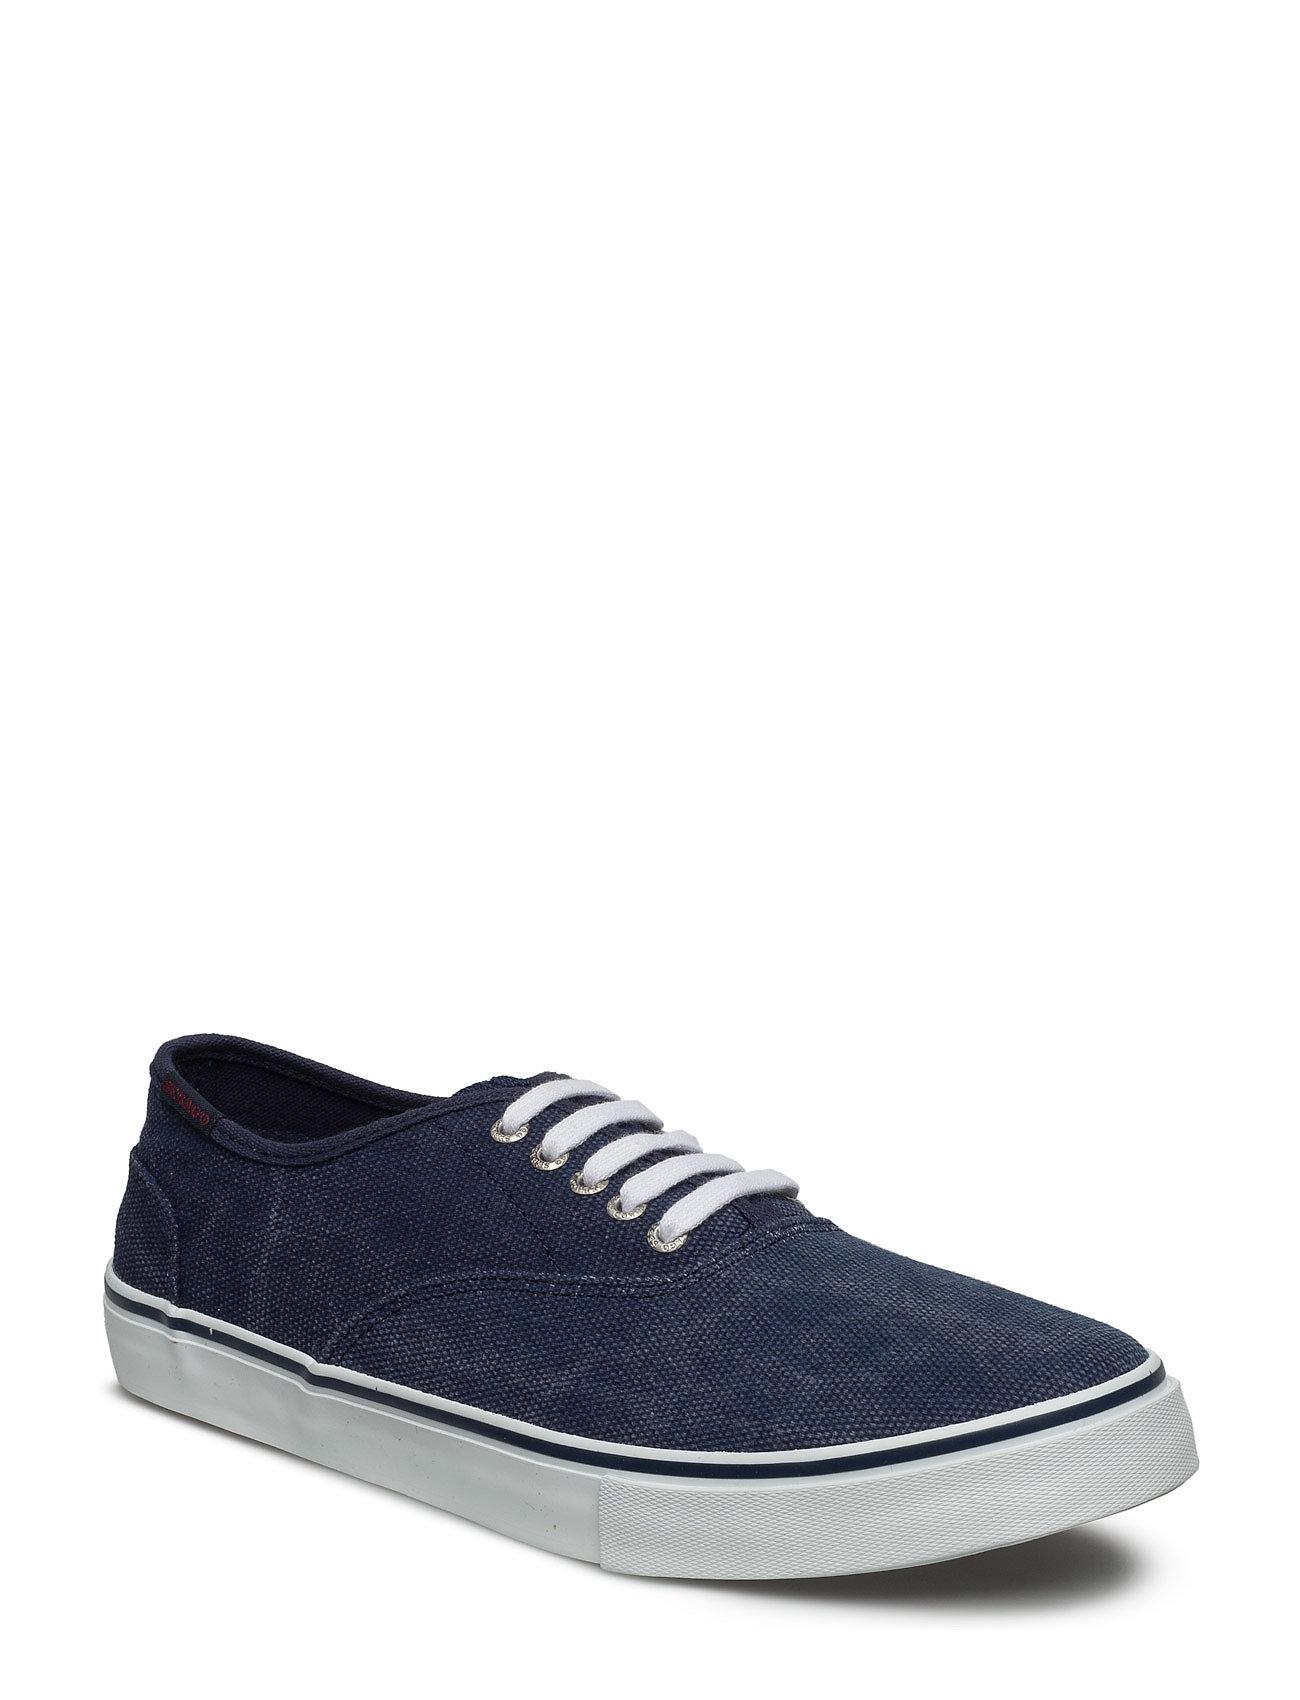 Nolan Lace Up Sebago Sneakers til Herrer i Navy blå